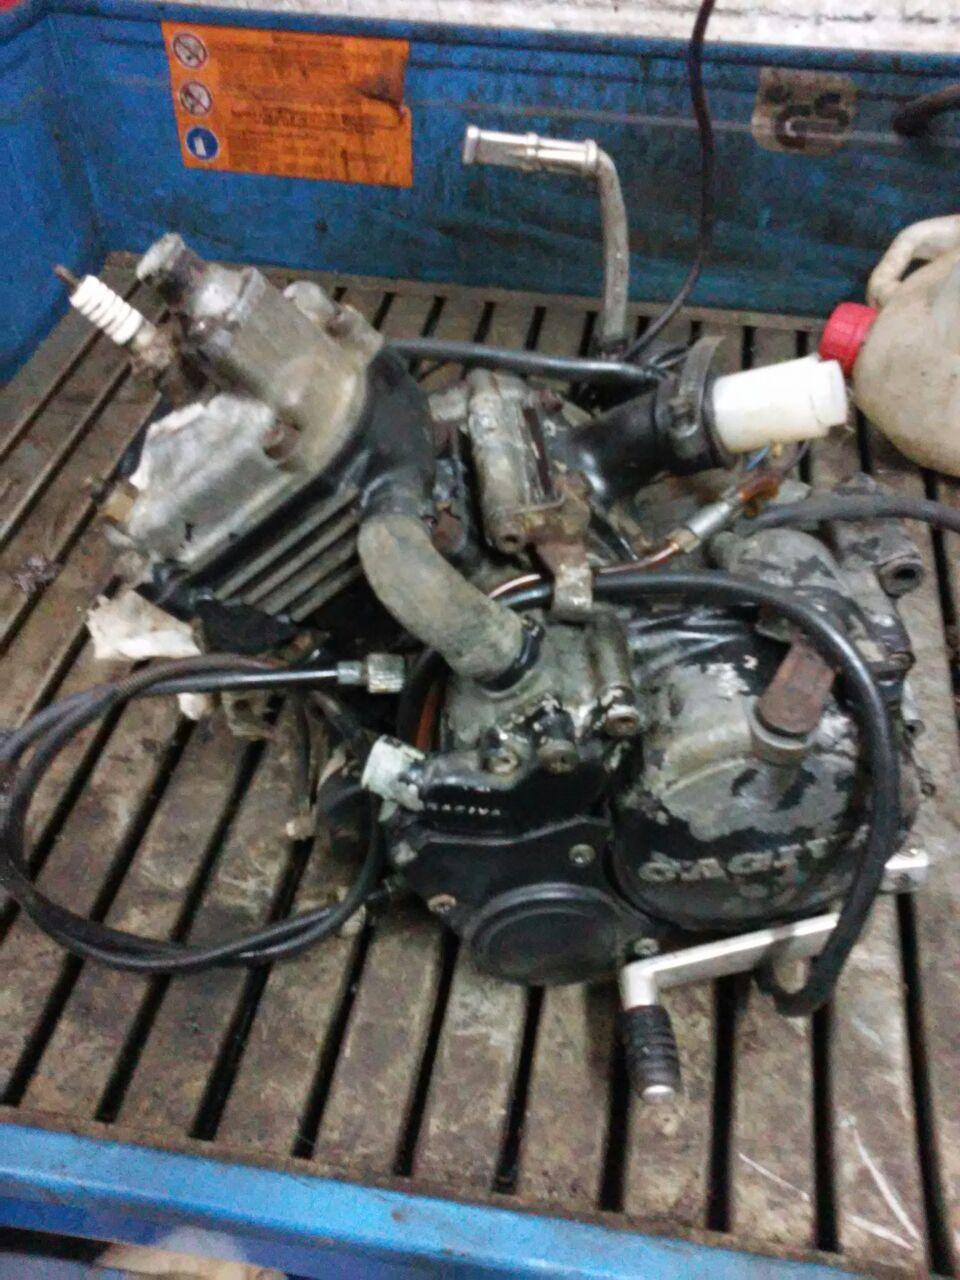 GasGas Enducross con motor de Cagiva 75 cc  N1910